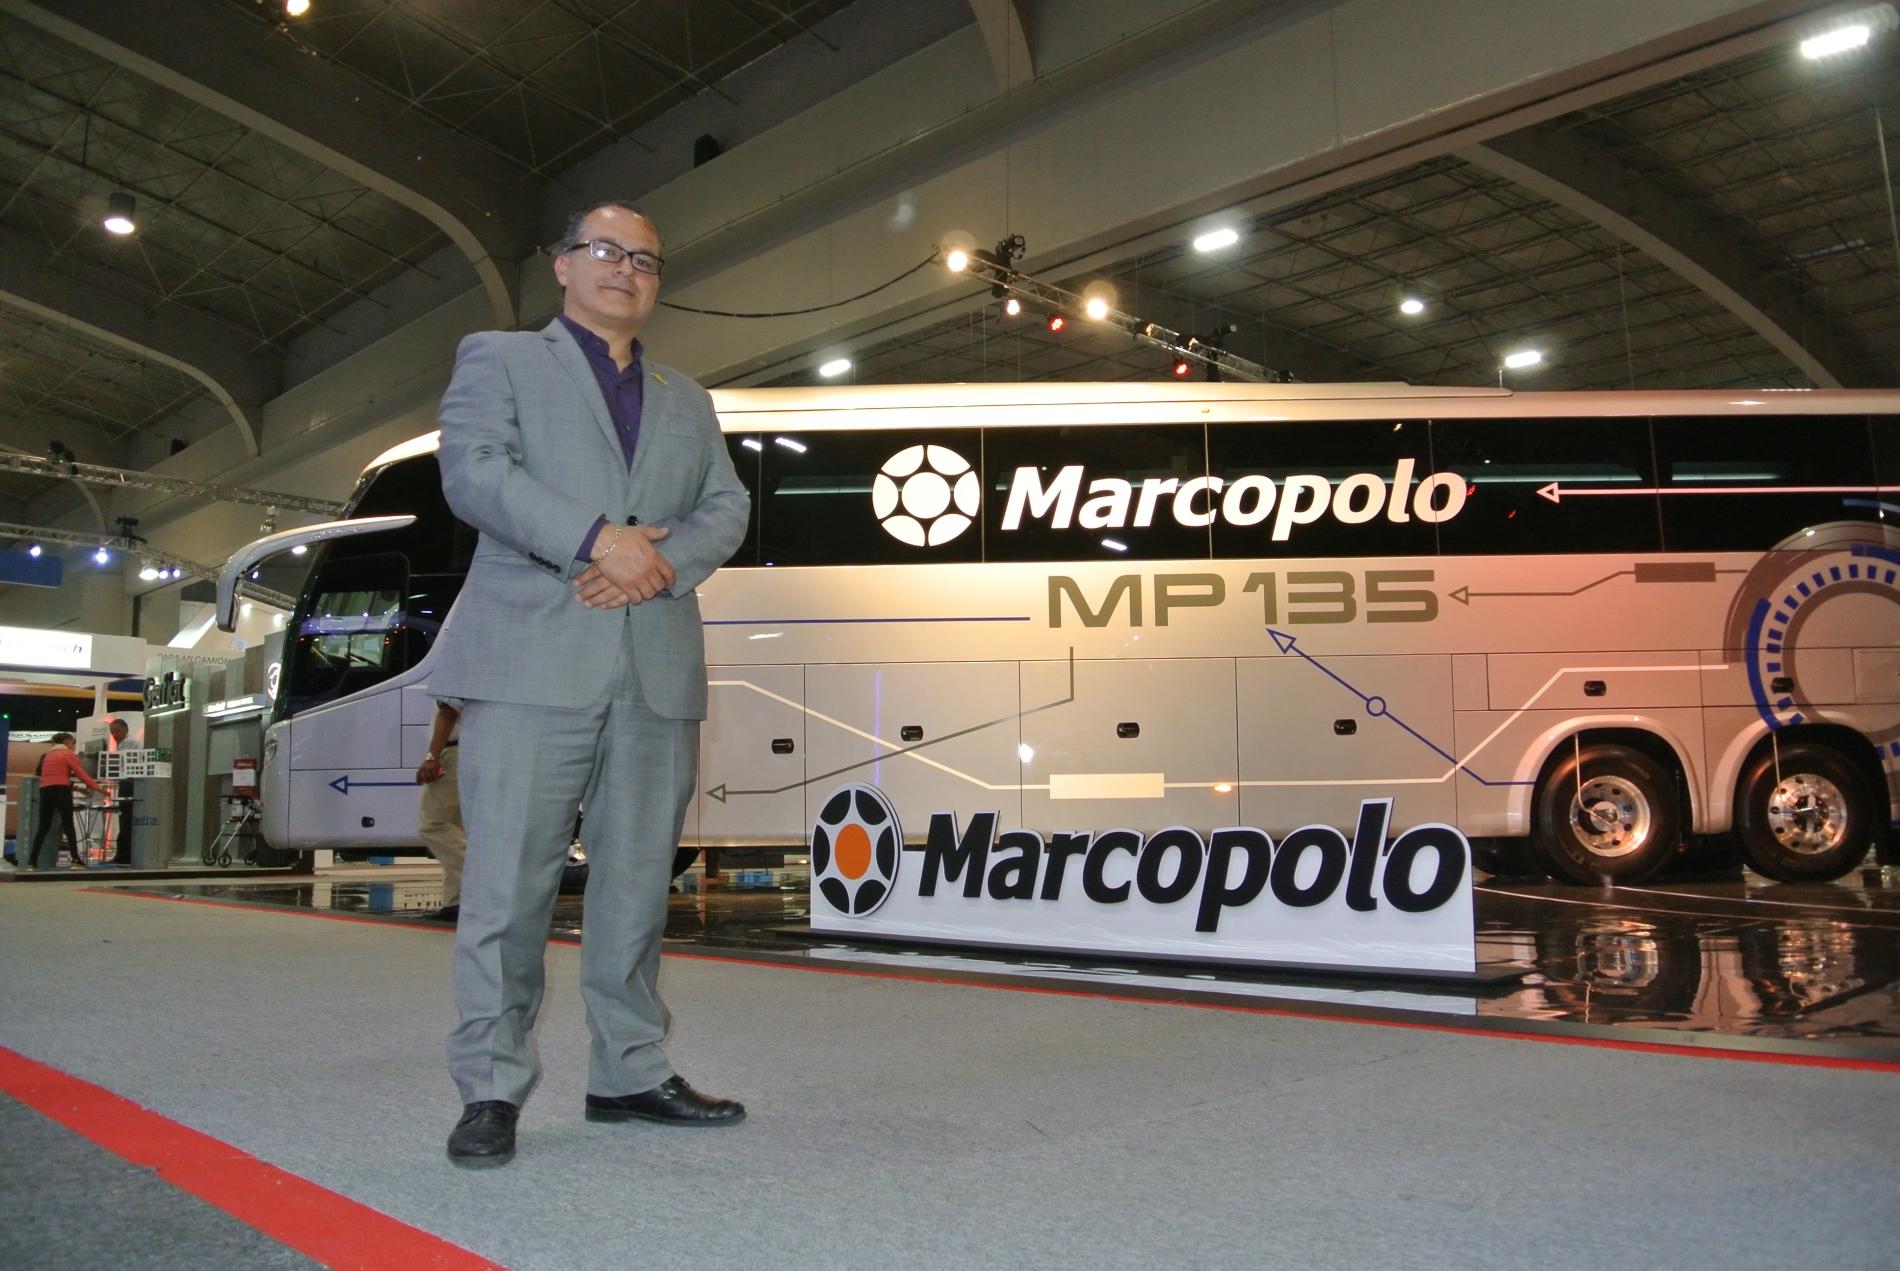 Transporte exclusivo de turismo, con proyección a nivel internacional